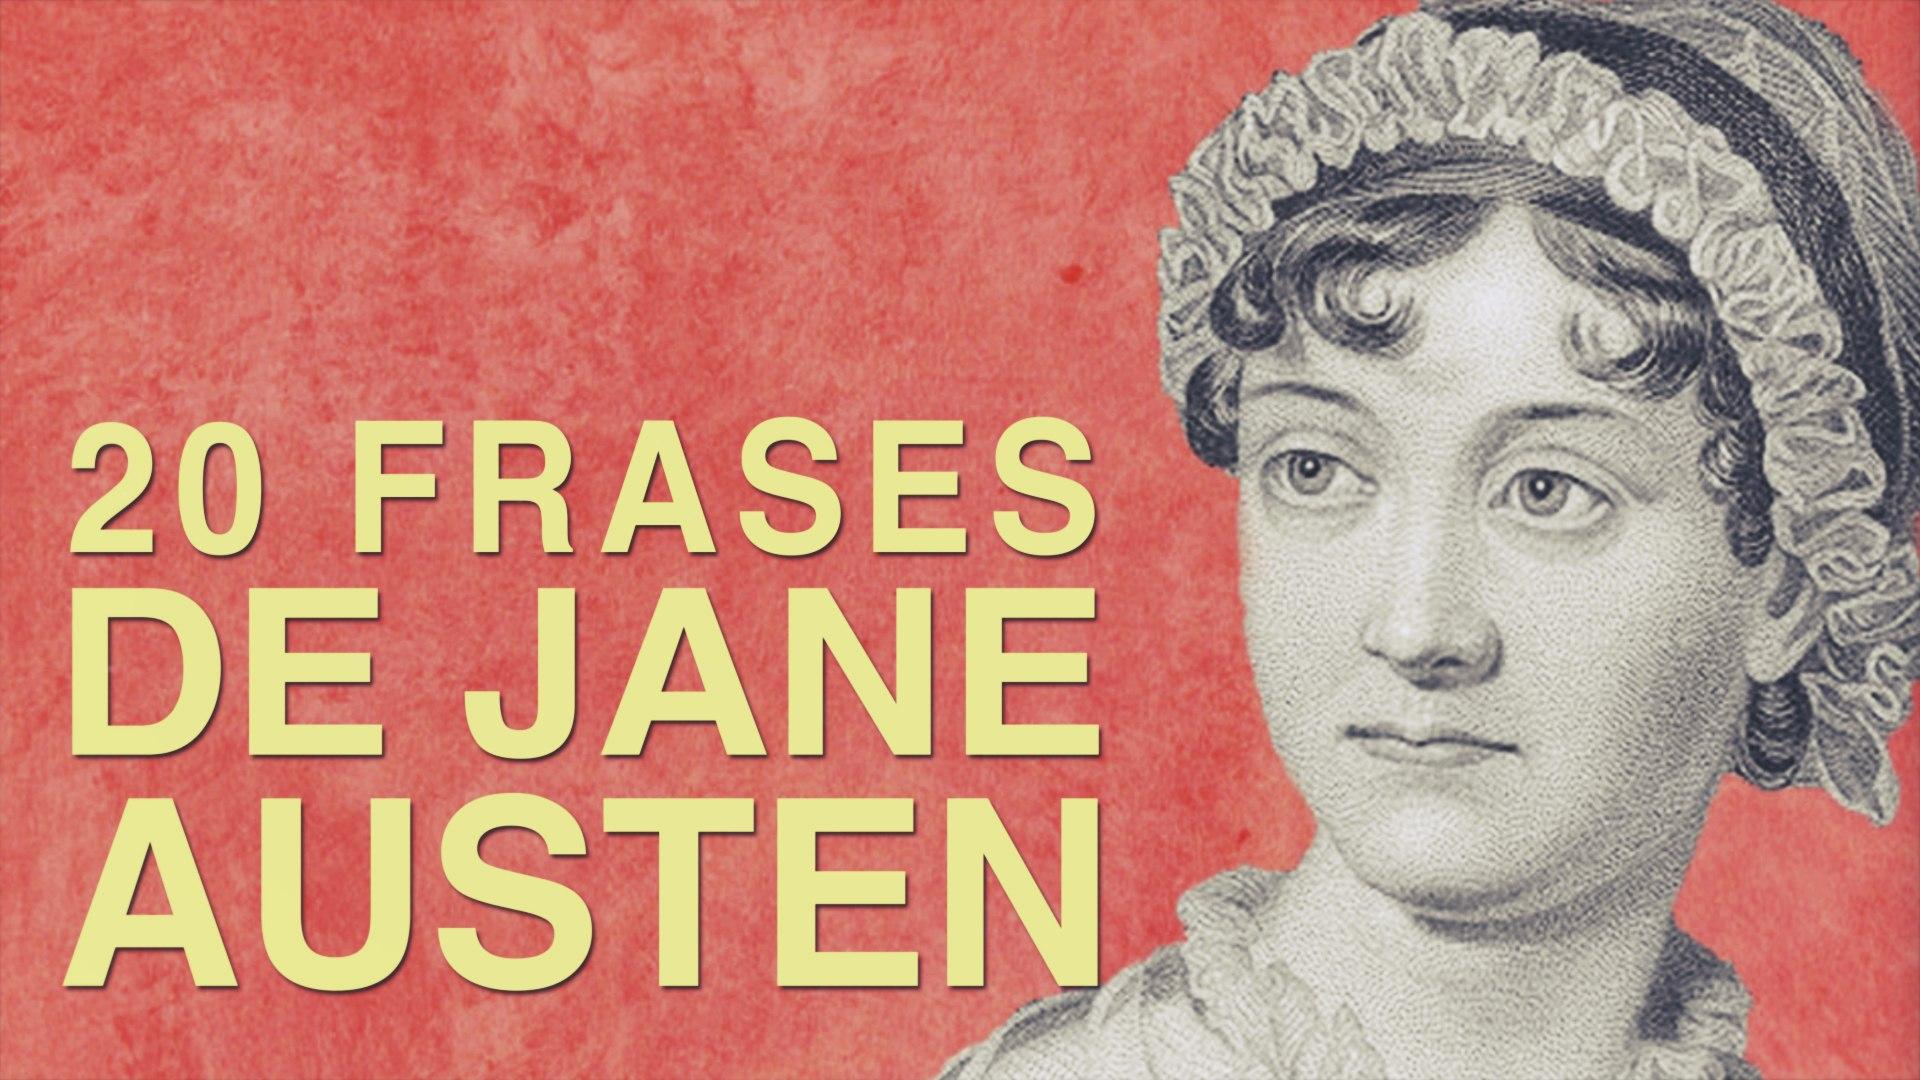 20 Frases De Jane Austen Impulsora De La Novela Romántica Clásica